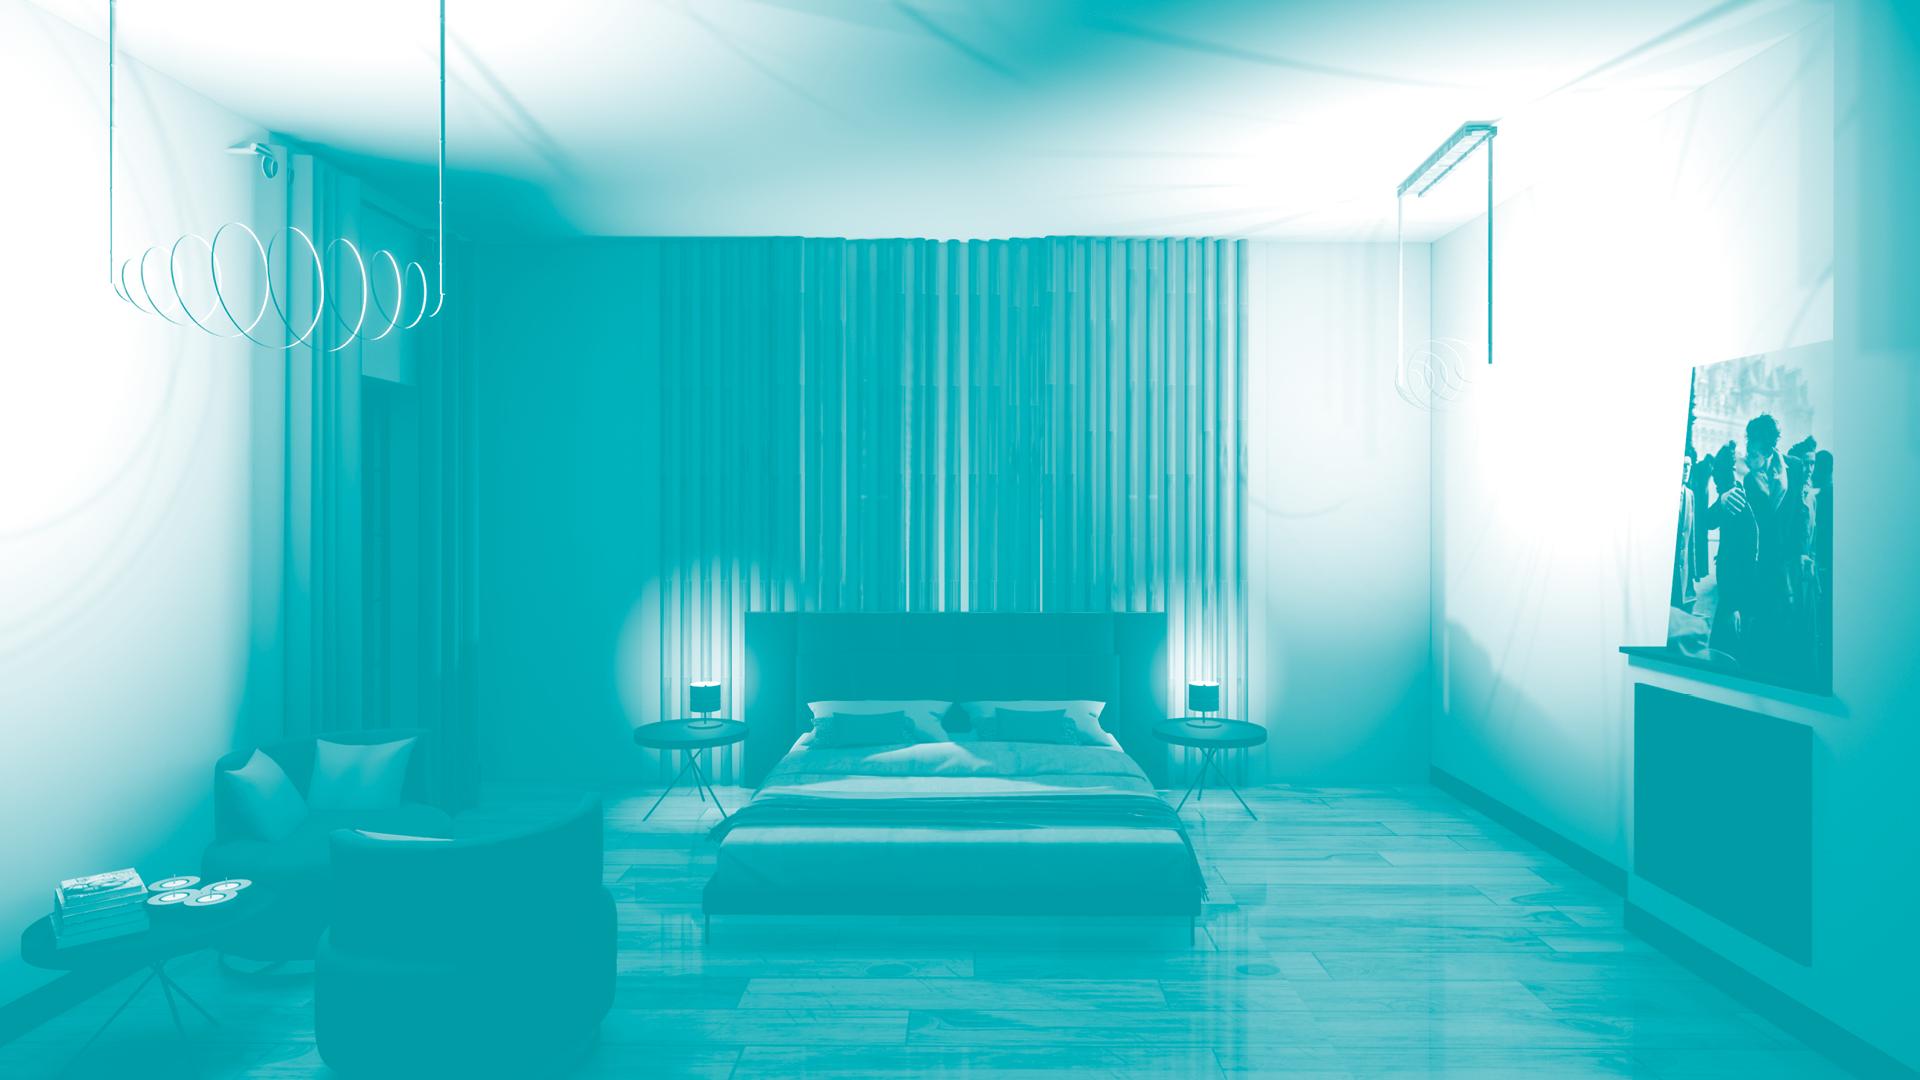 DASL06 — Interior design